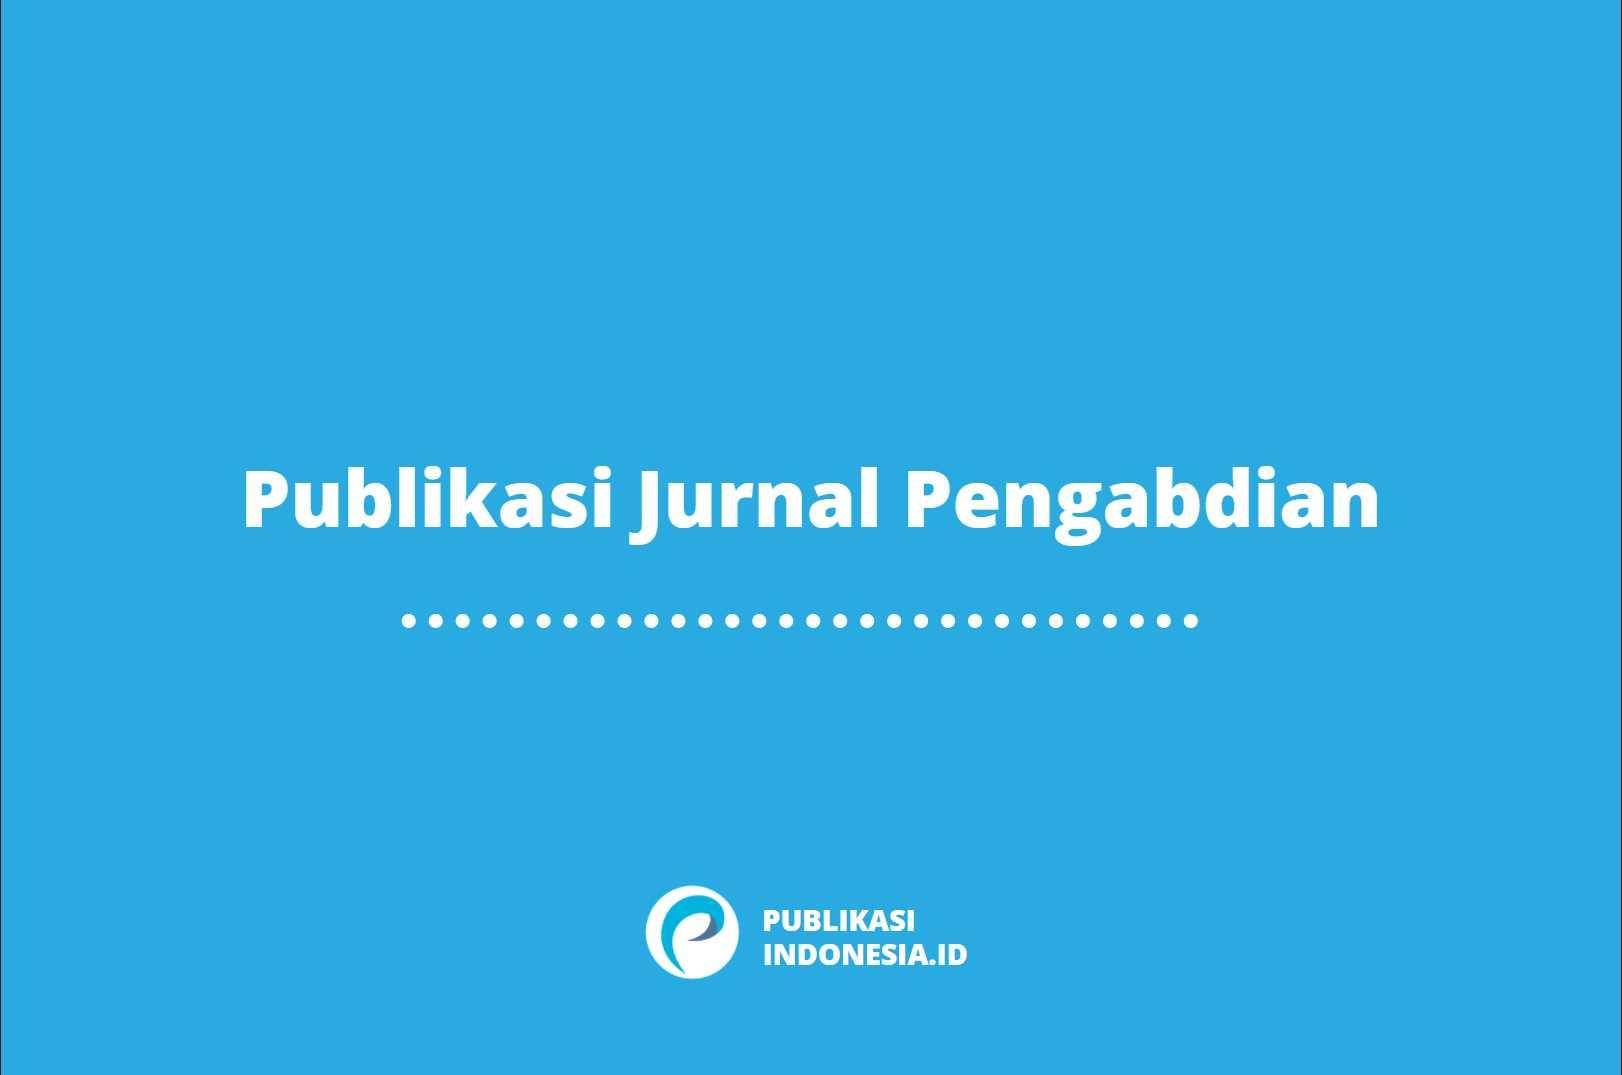 Publikasi Jurnal Pengabdian